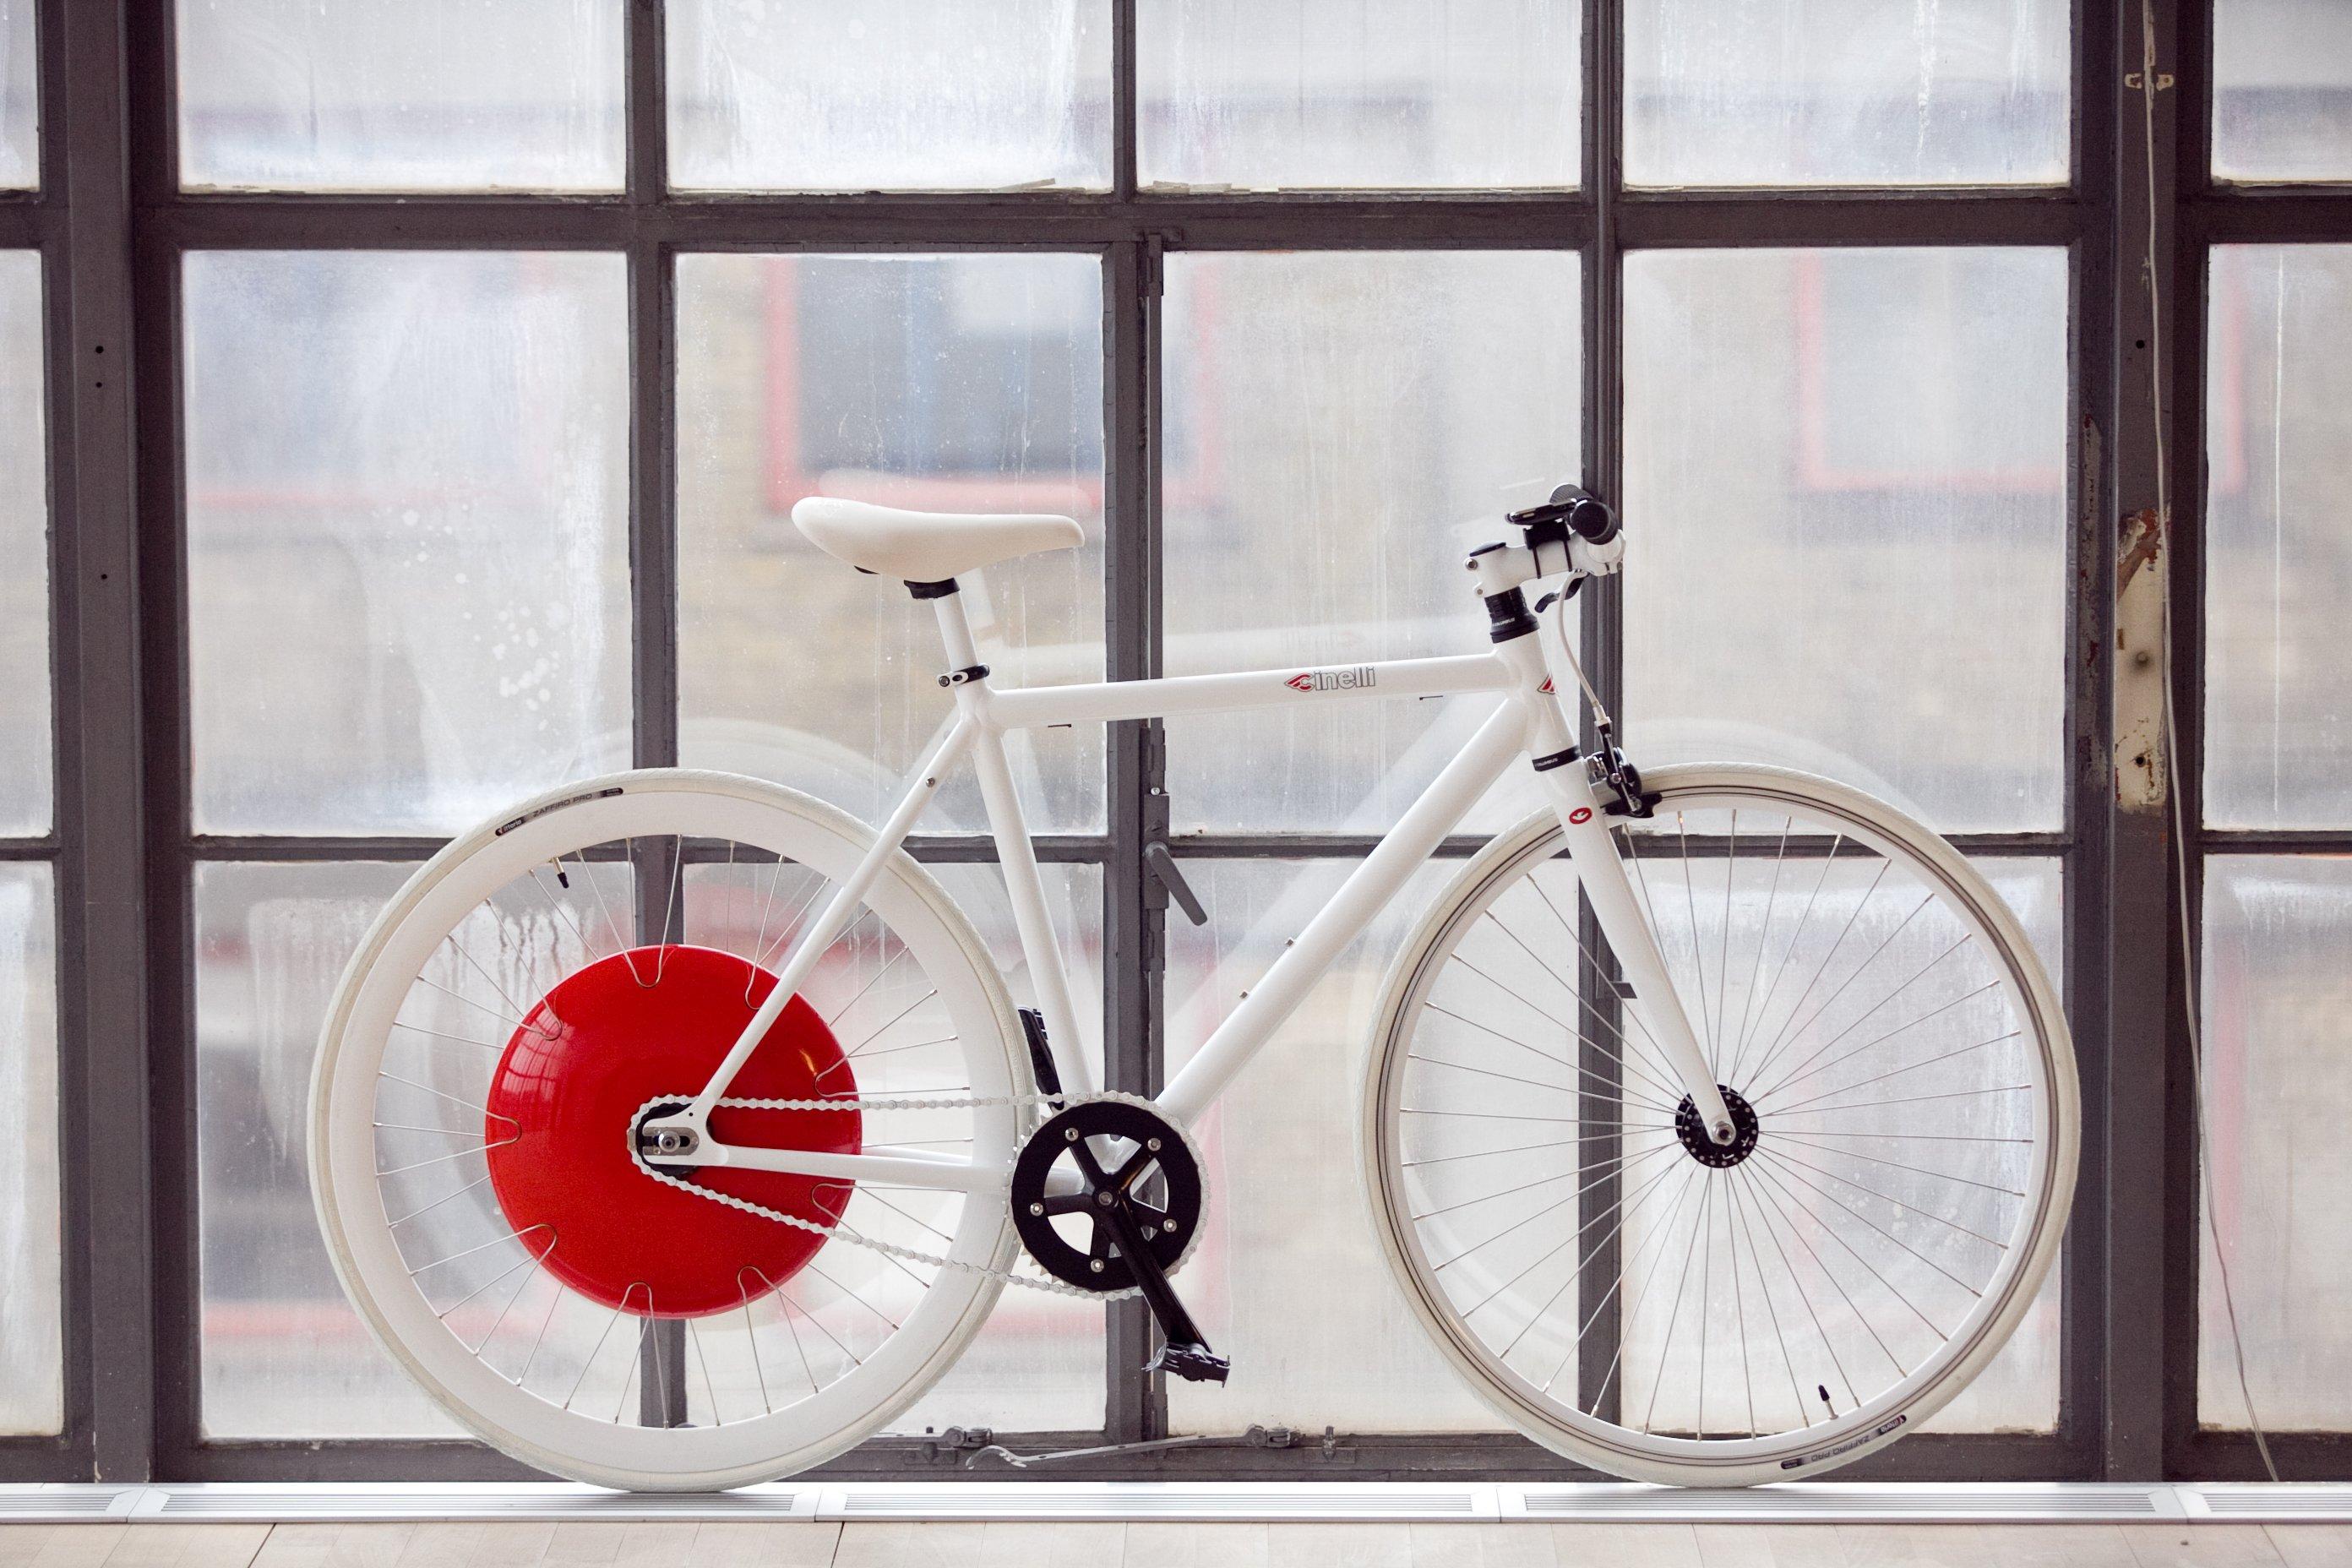 Rennrad mit Pedelec-Antrieb: In der roten Scheibe ist die gesamte Antriebstechnik verborgen. Entwickelt wurde das Copenhagen Wheel am MIT in den USA. Jetzt hat die Technik die Serienreife erreicht und wird als Bausatz vertrieben.